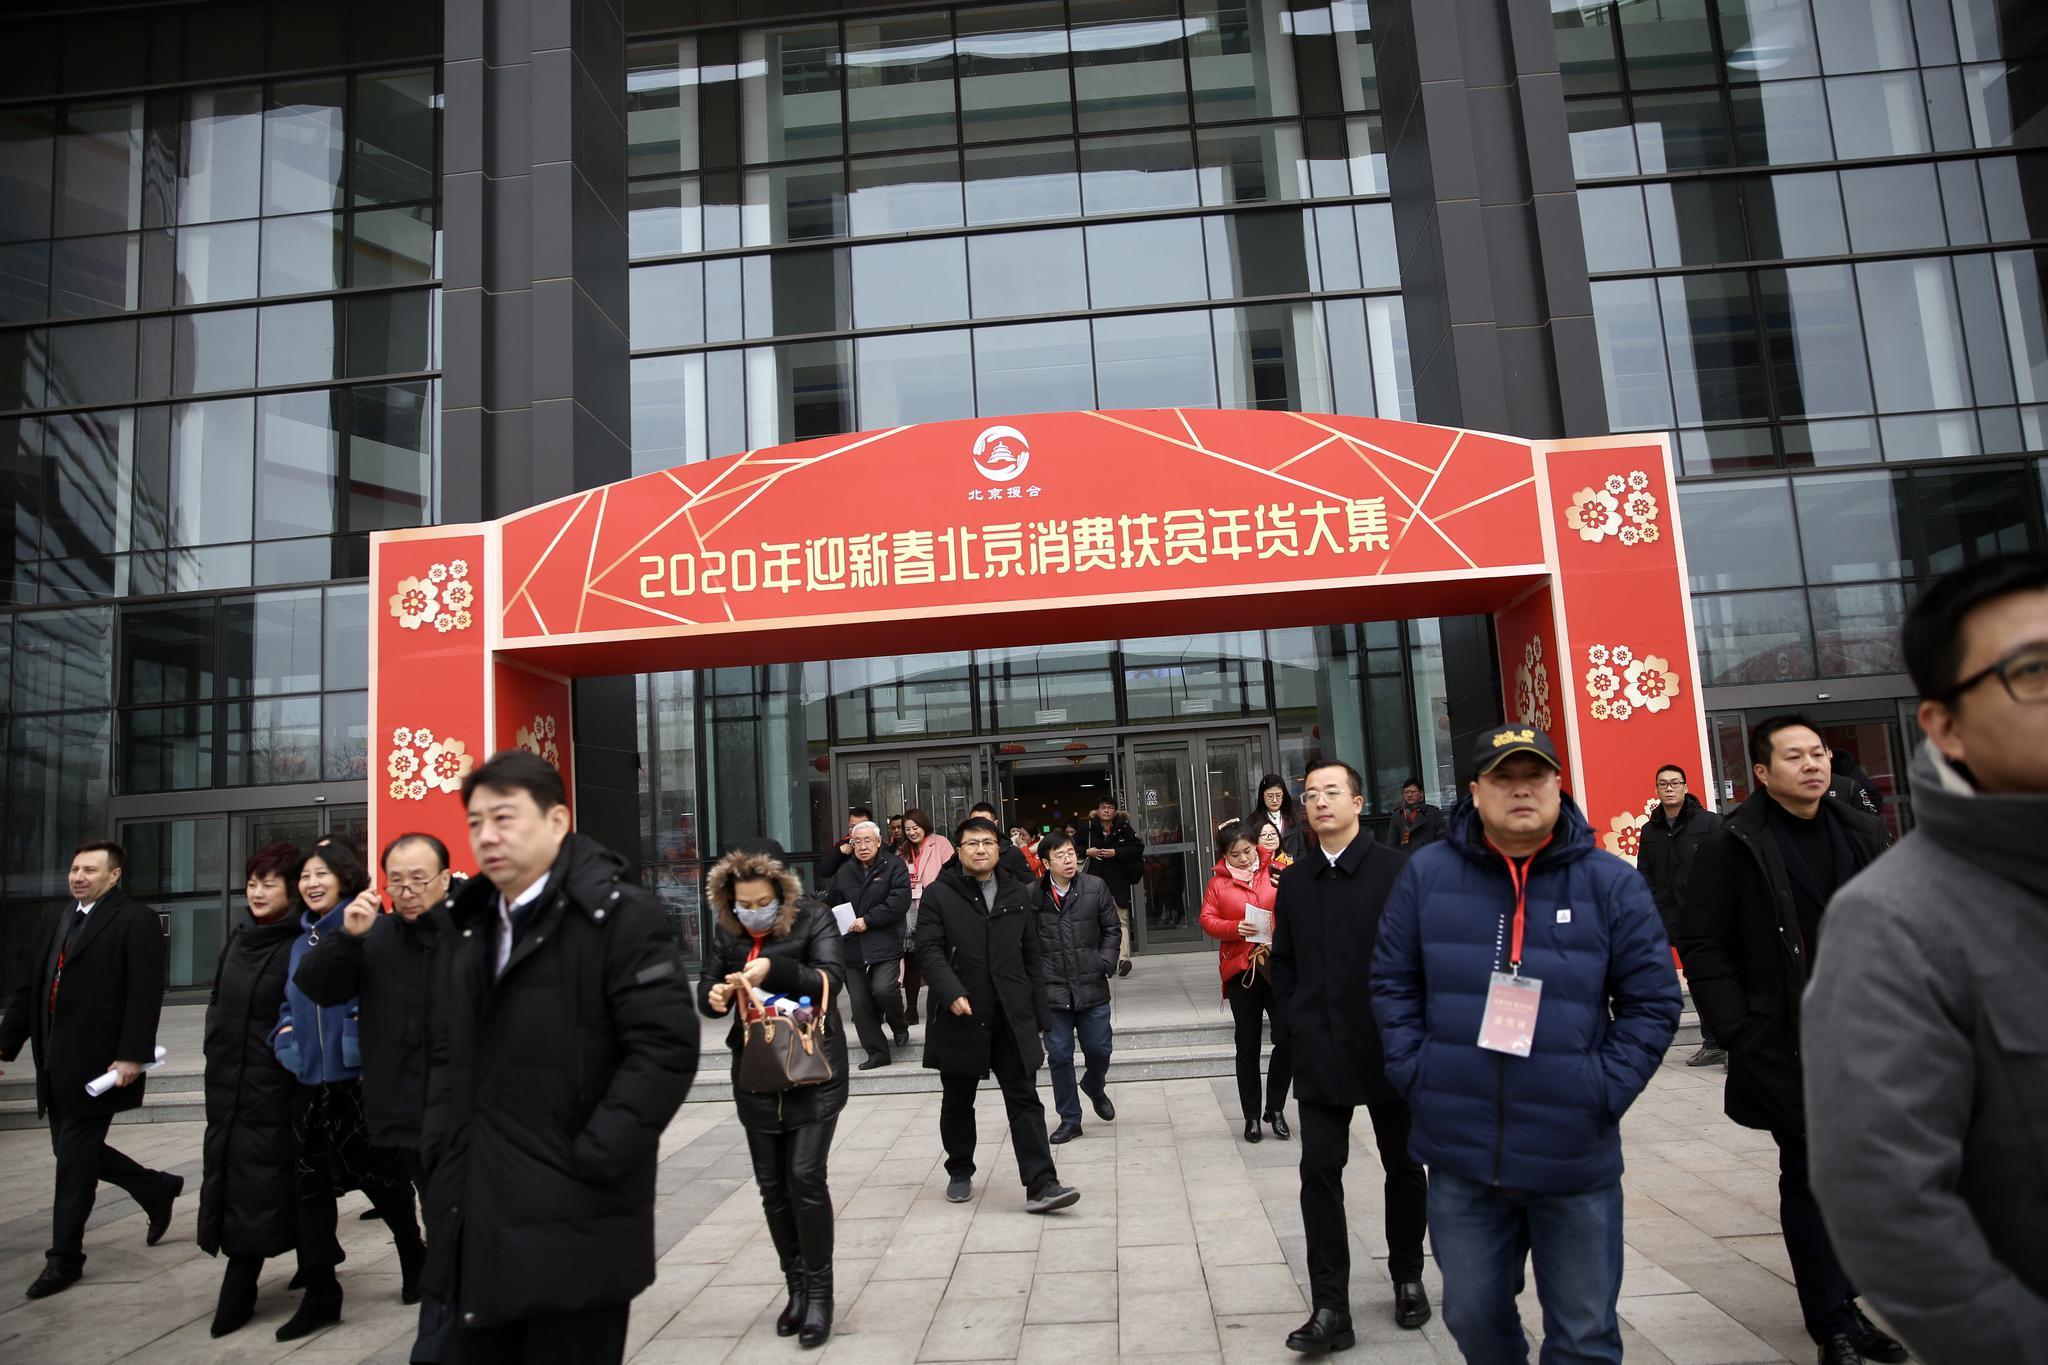 二百辆直通车、十万台售货柜…今年北京消费扶贫要进社区图片